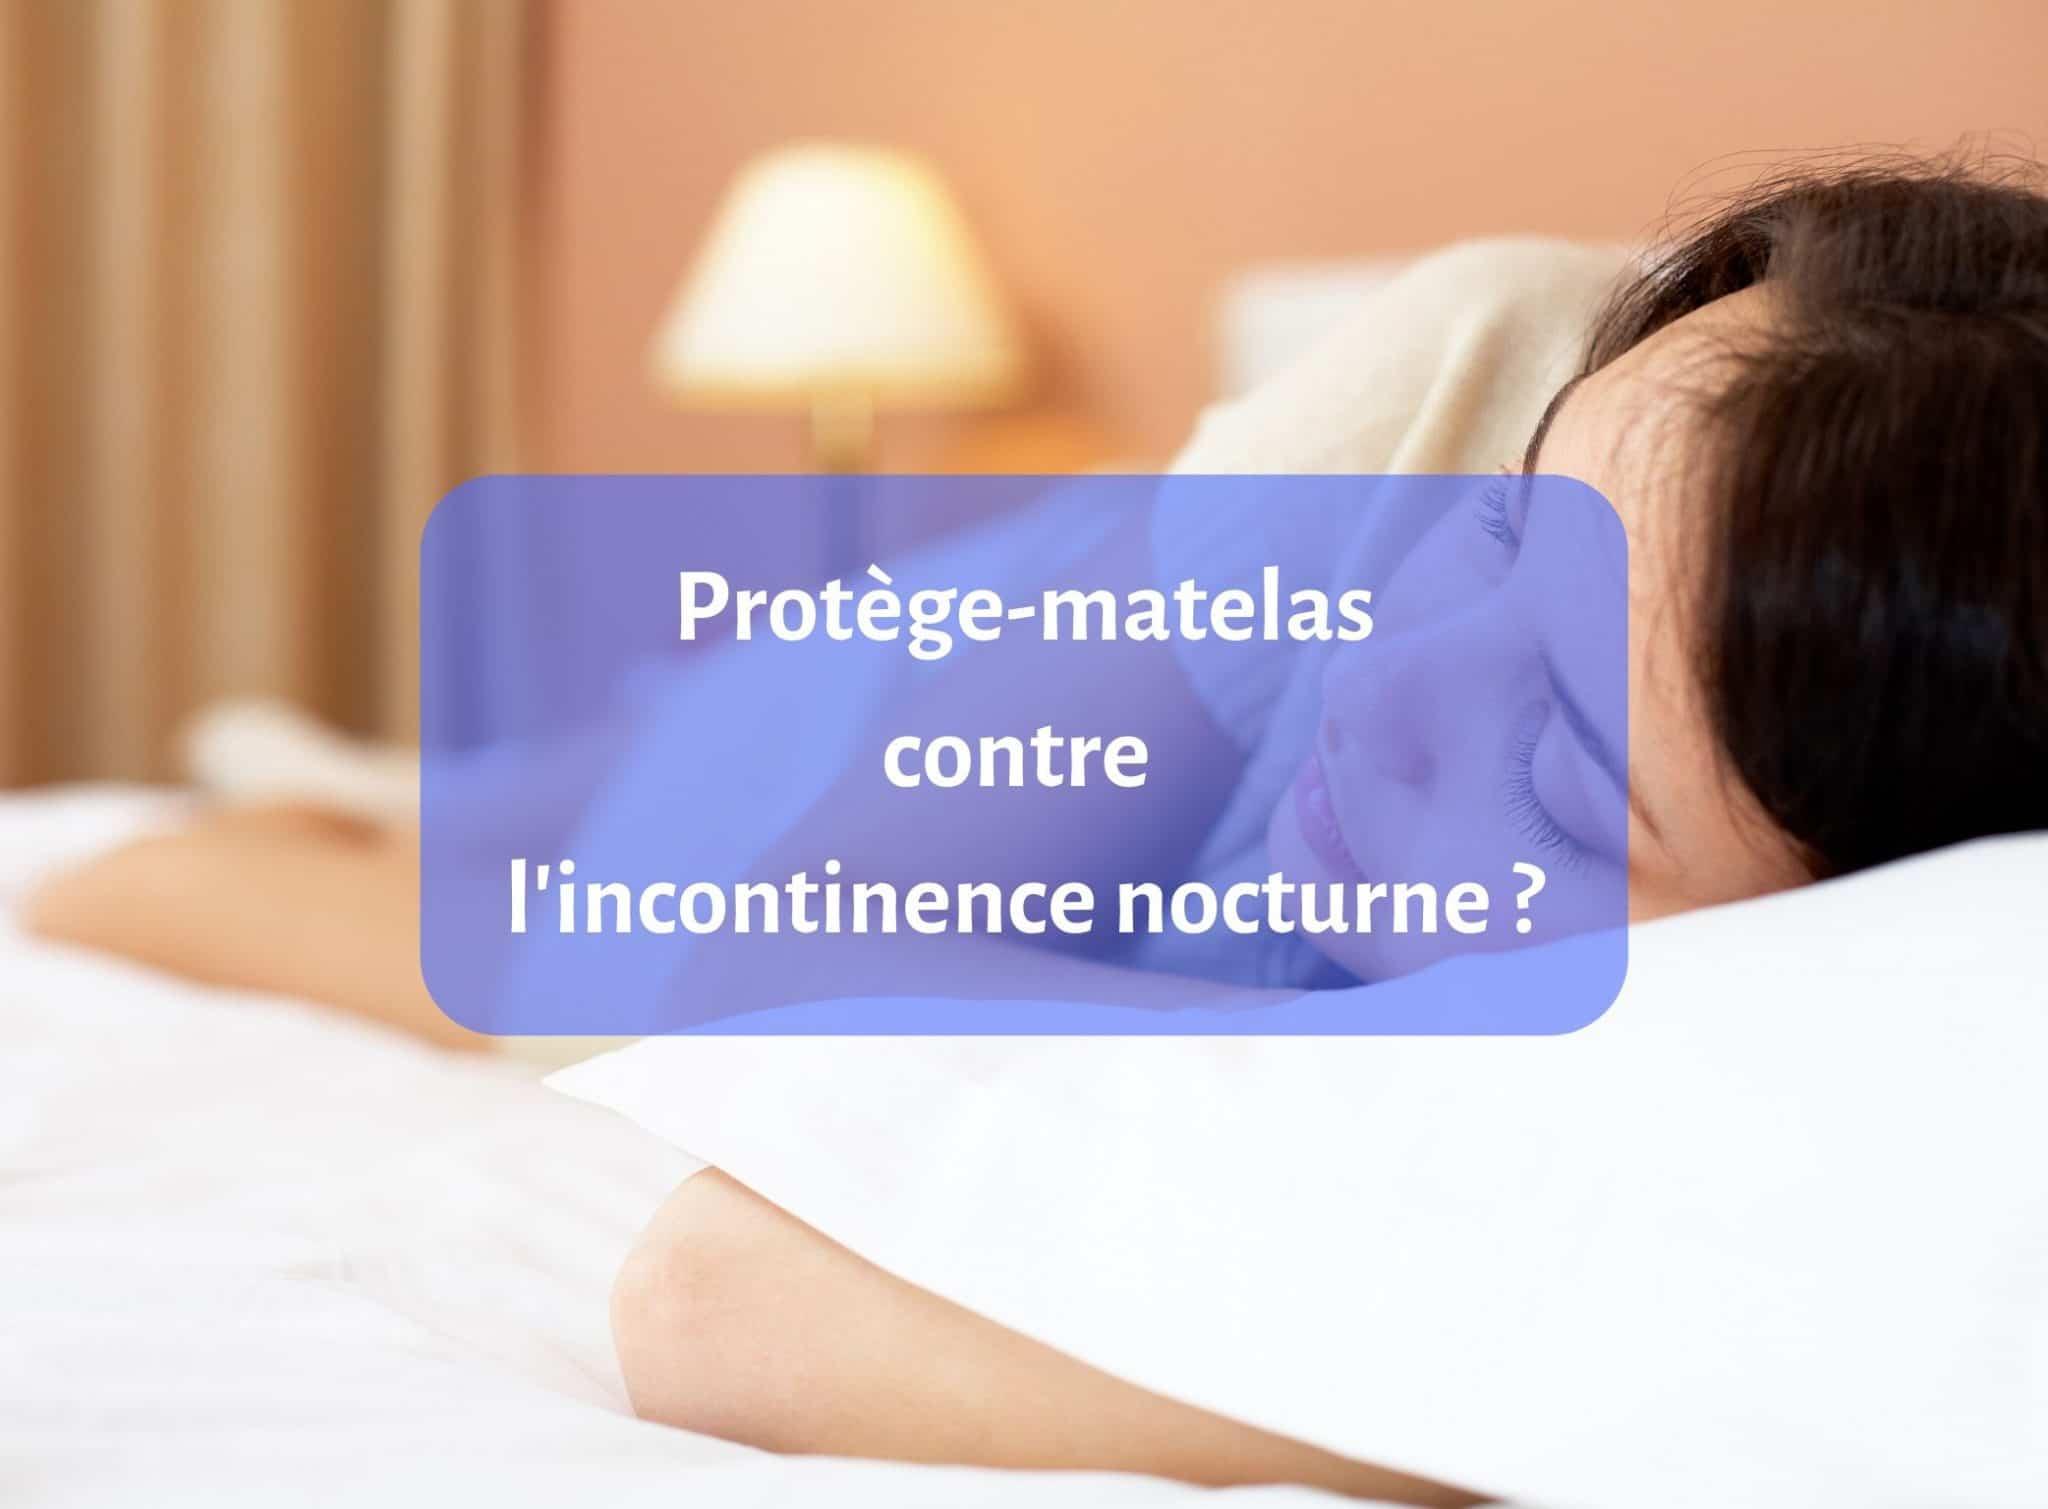 Que faire pour protéger son matelas contre l'incontinence nocturne ? 1